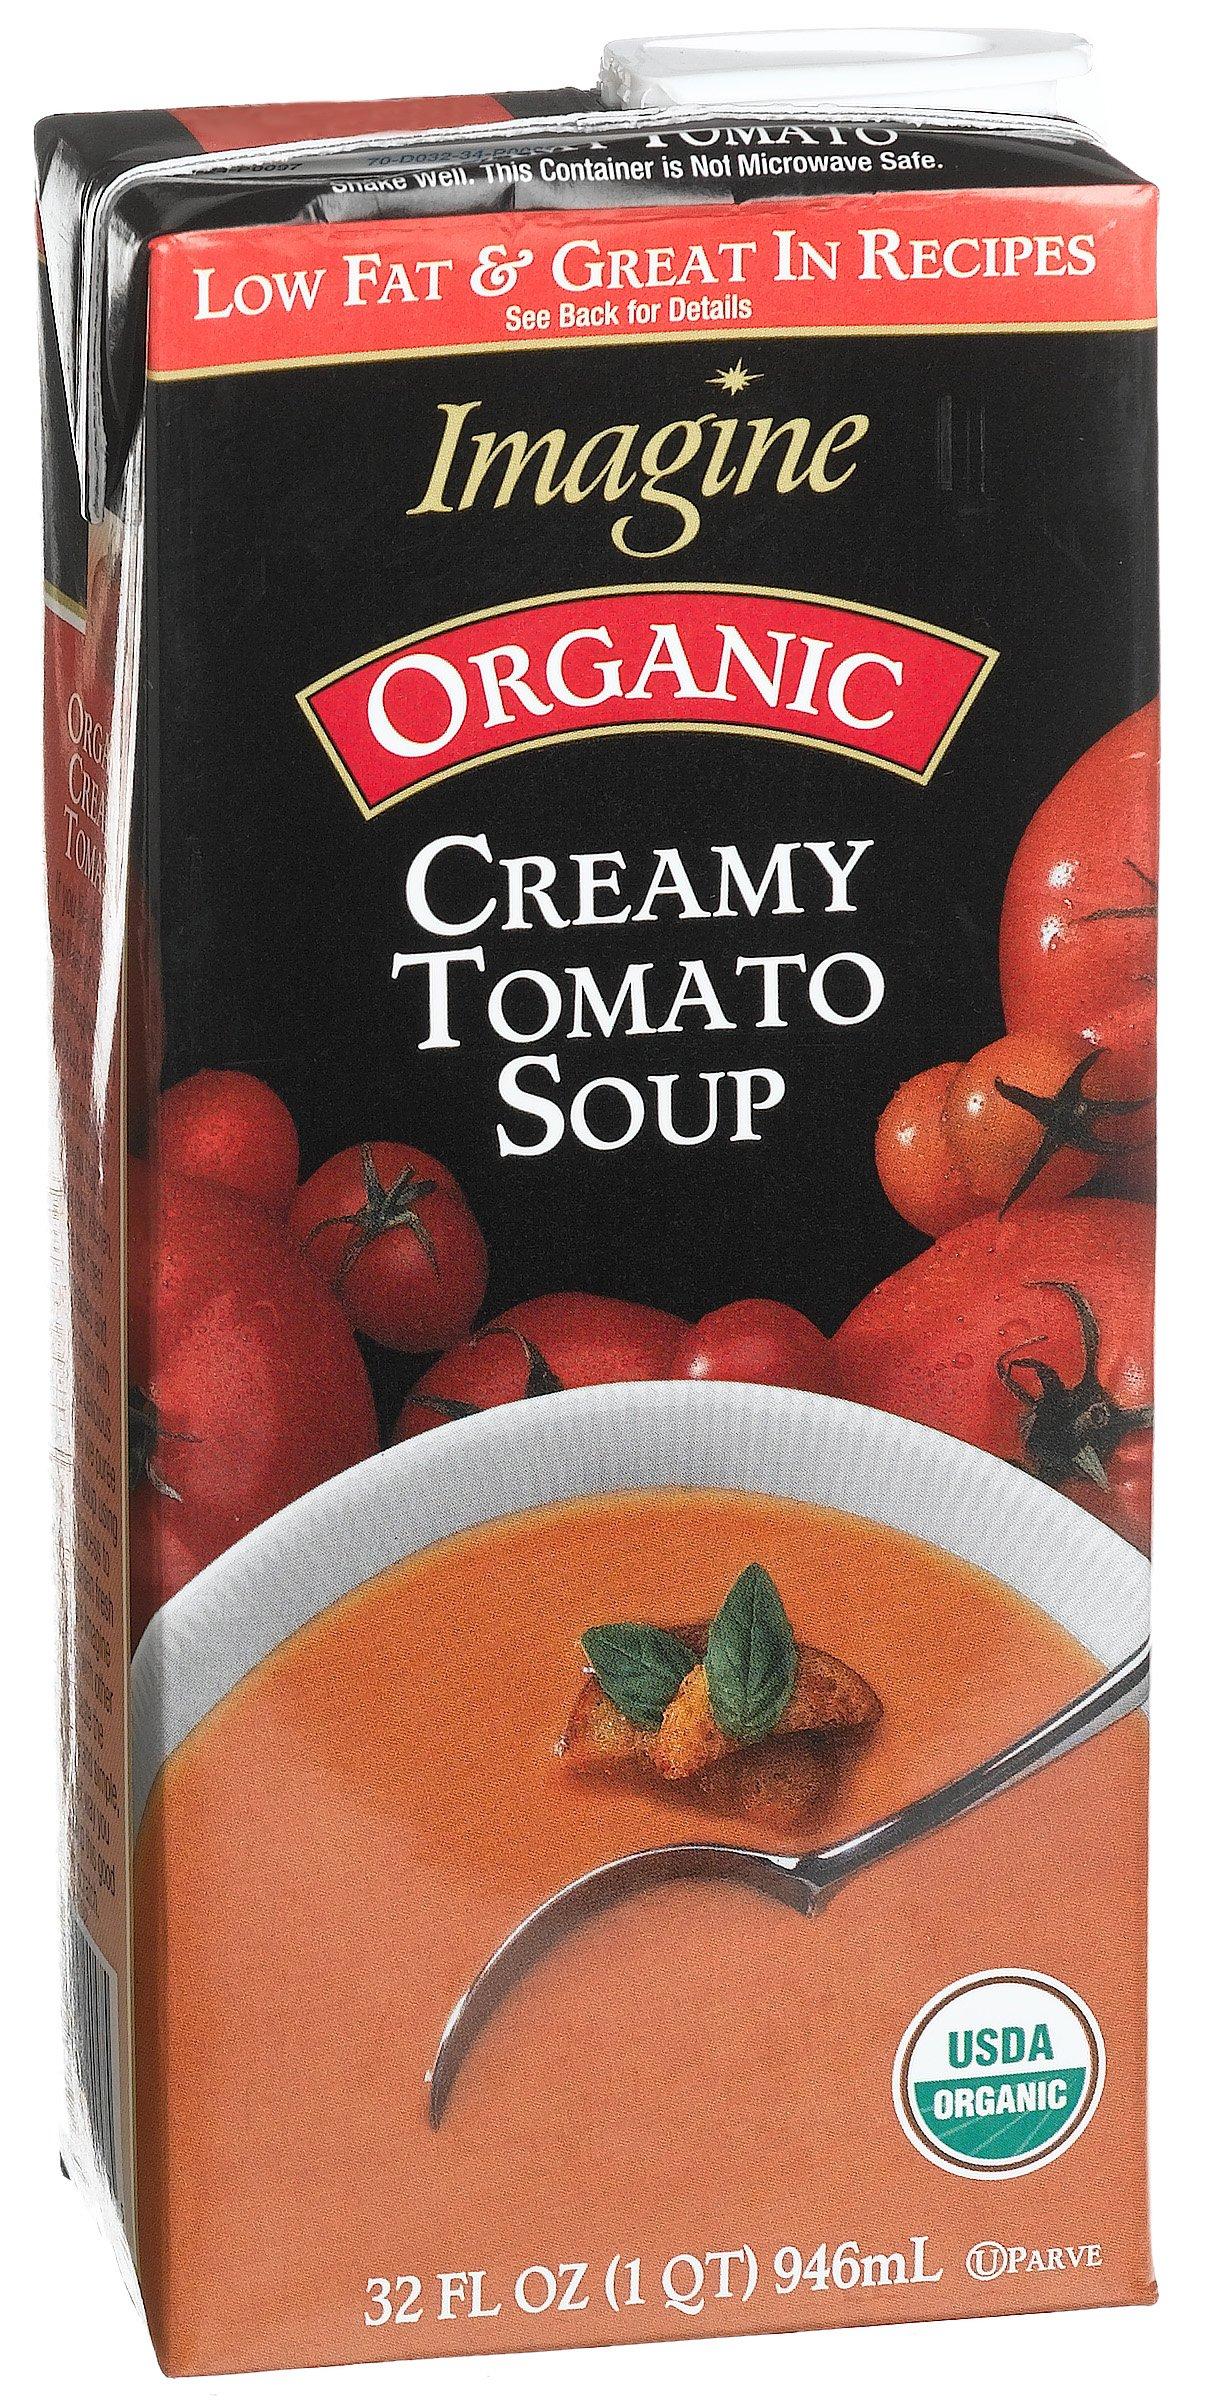 Imagine Creamy Tomato Soup, Organic, 32 oz by Imagine